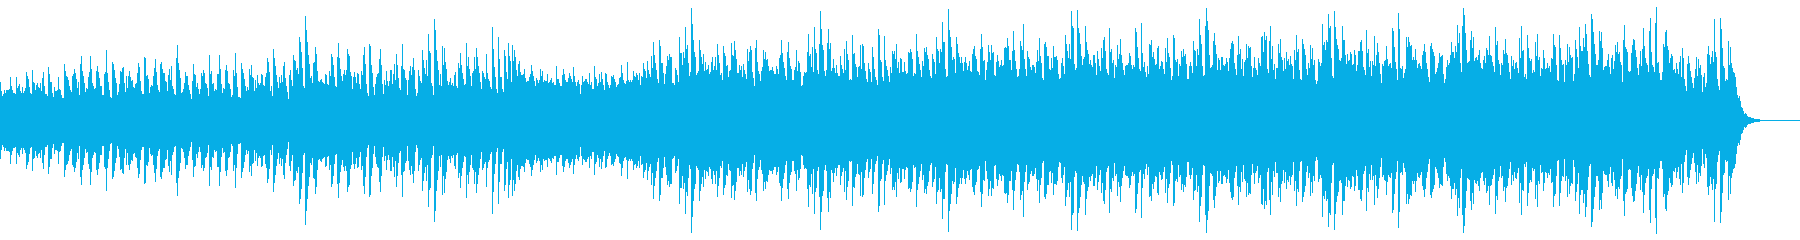 80年代ぽいクールなハウスミュージックの再生済みの波形